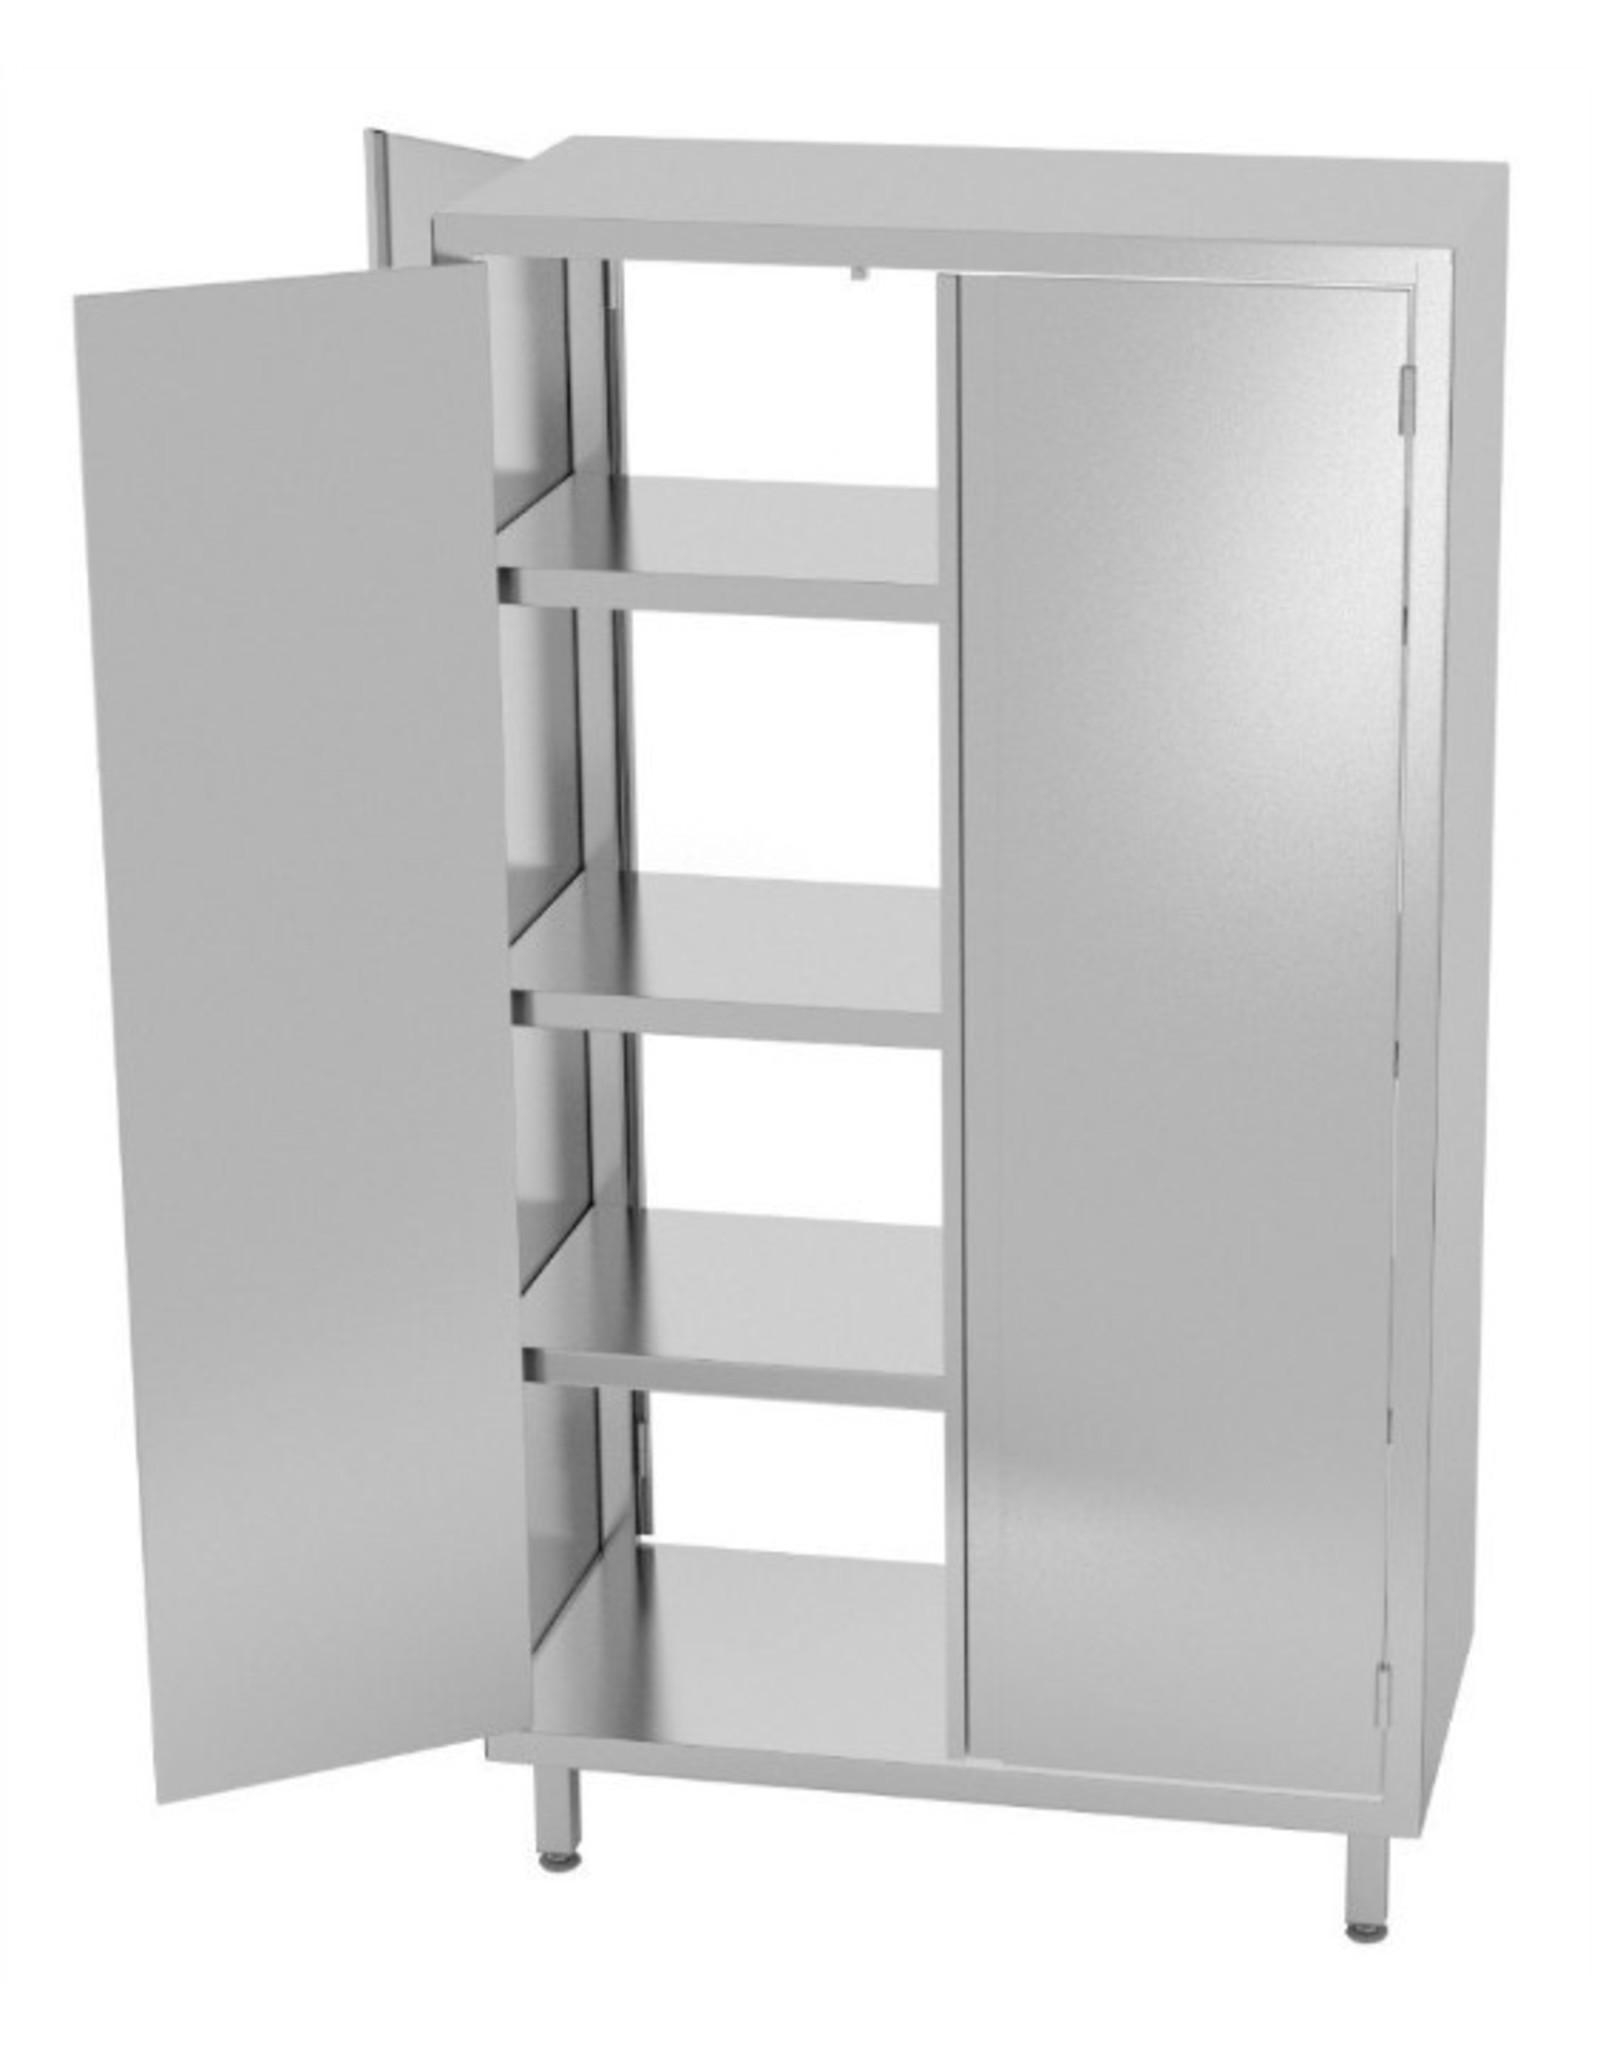 Kast pass-through met dubbele klapdeuren | 700-1200mm breed | 500-700mm diep | 2000mm hoog